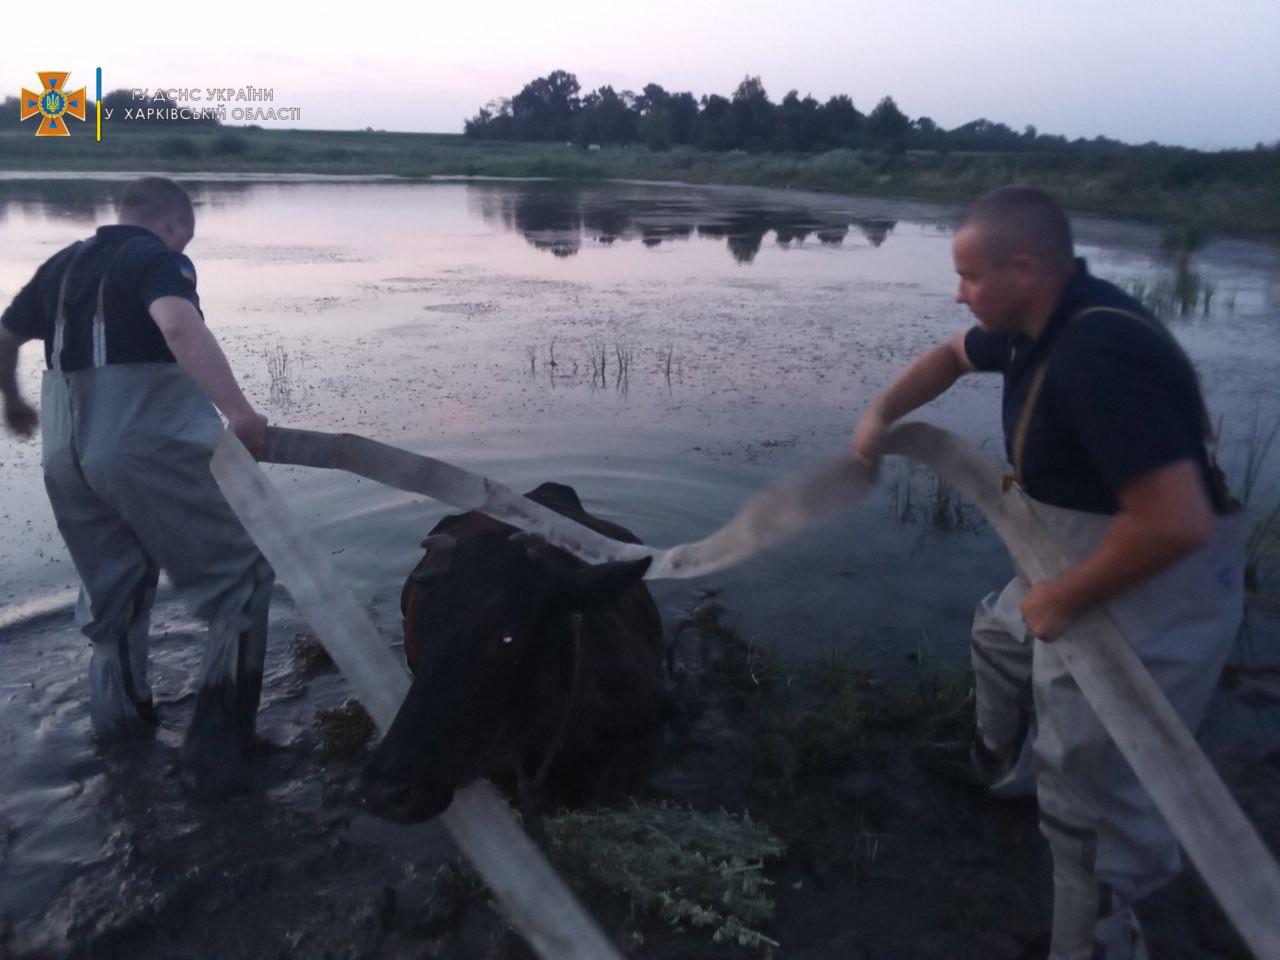 В Харьковской области корову достали из болота (фото)